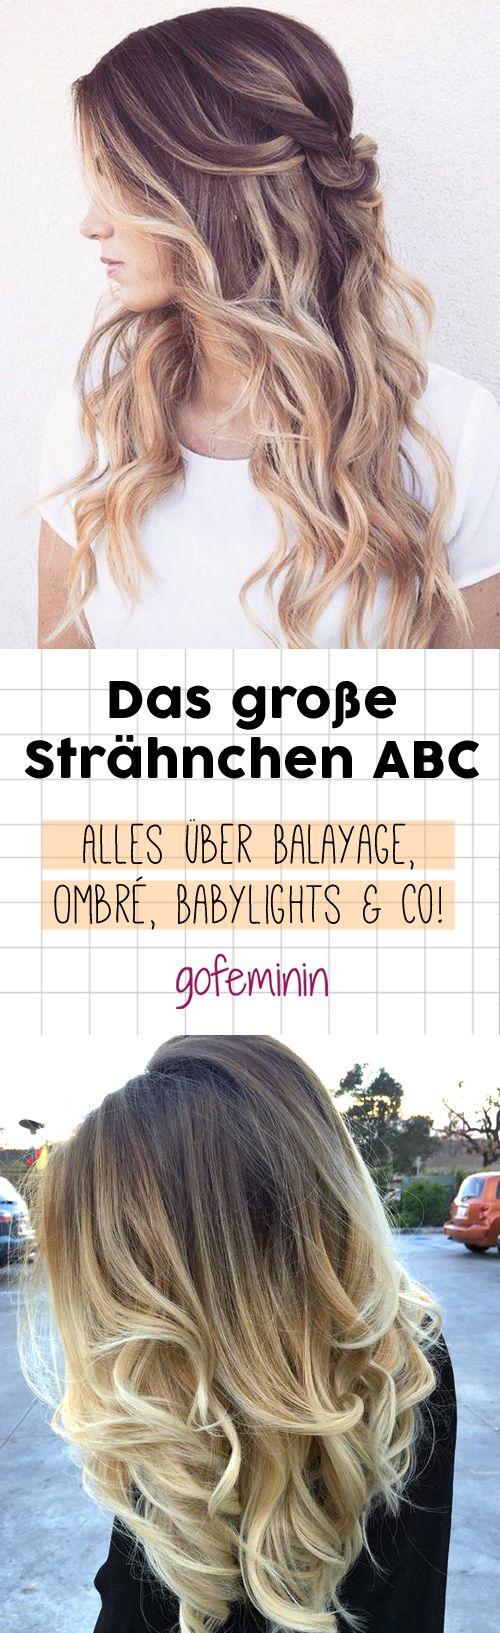 Das Strähnchen ABC: Alles über Balayage, Ombré & Babylights und welche Haarfärbetechniken jetzt in sind!